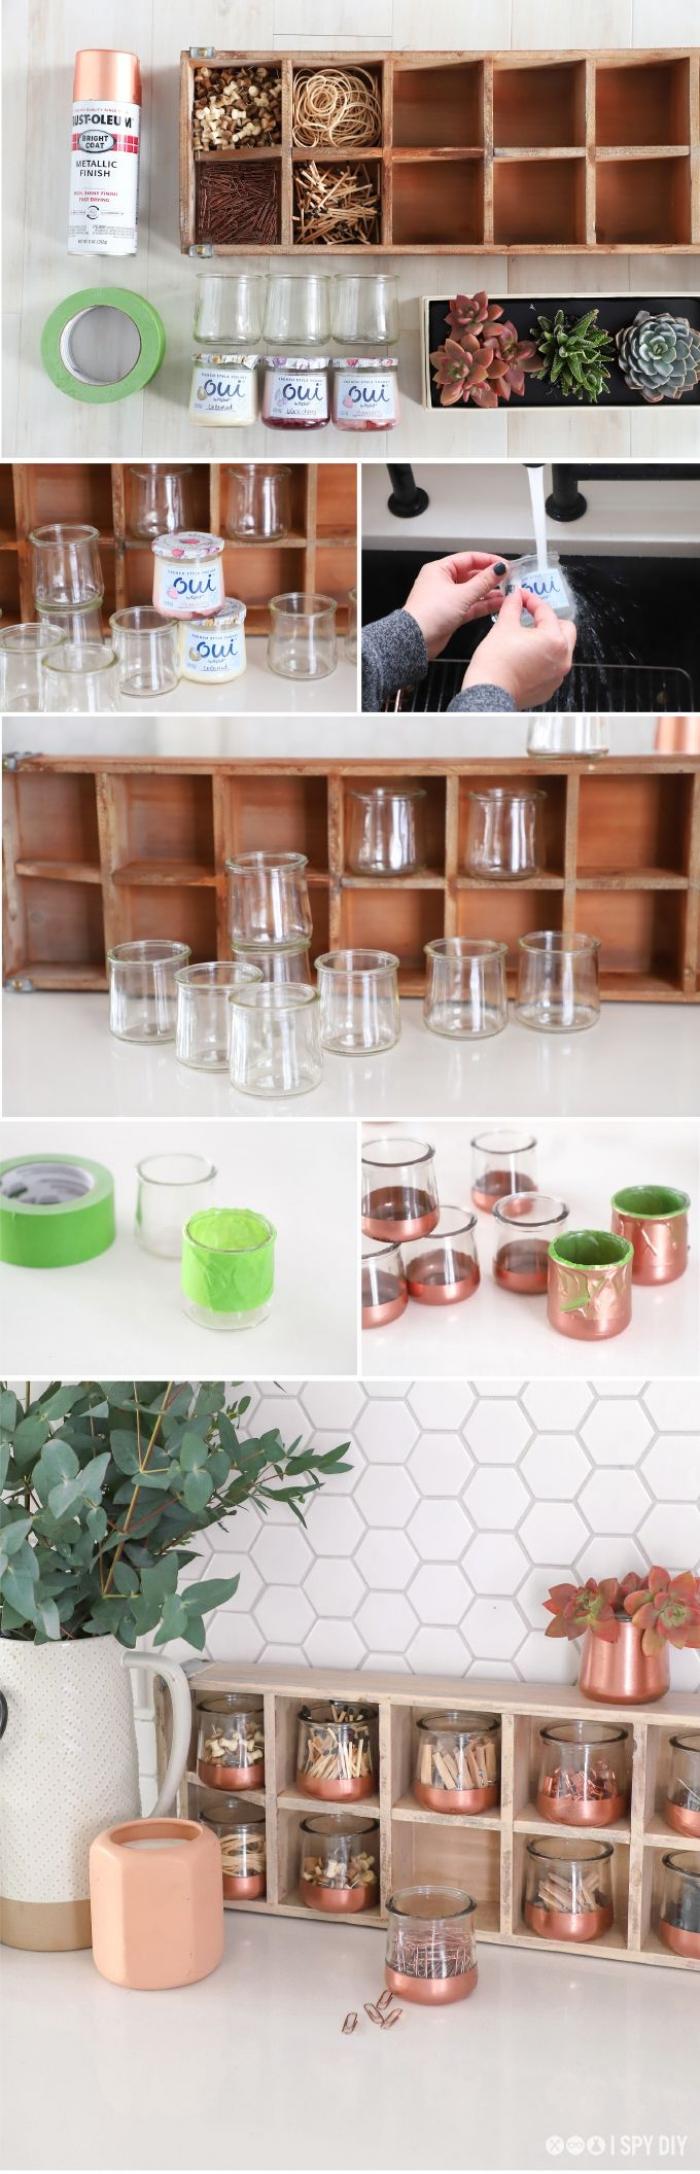 plus de 110 id es de bricolage avec r cup ration pour petits et grands obsigen. Black Bedroom Furniture Sets. Home Design Ideas